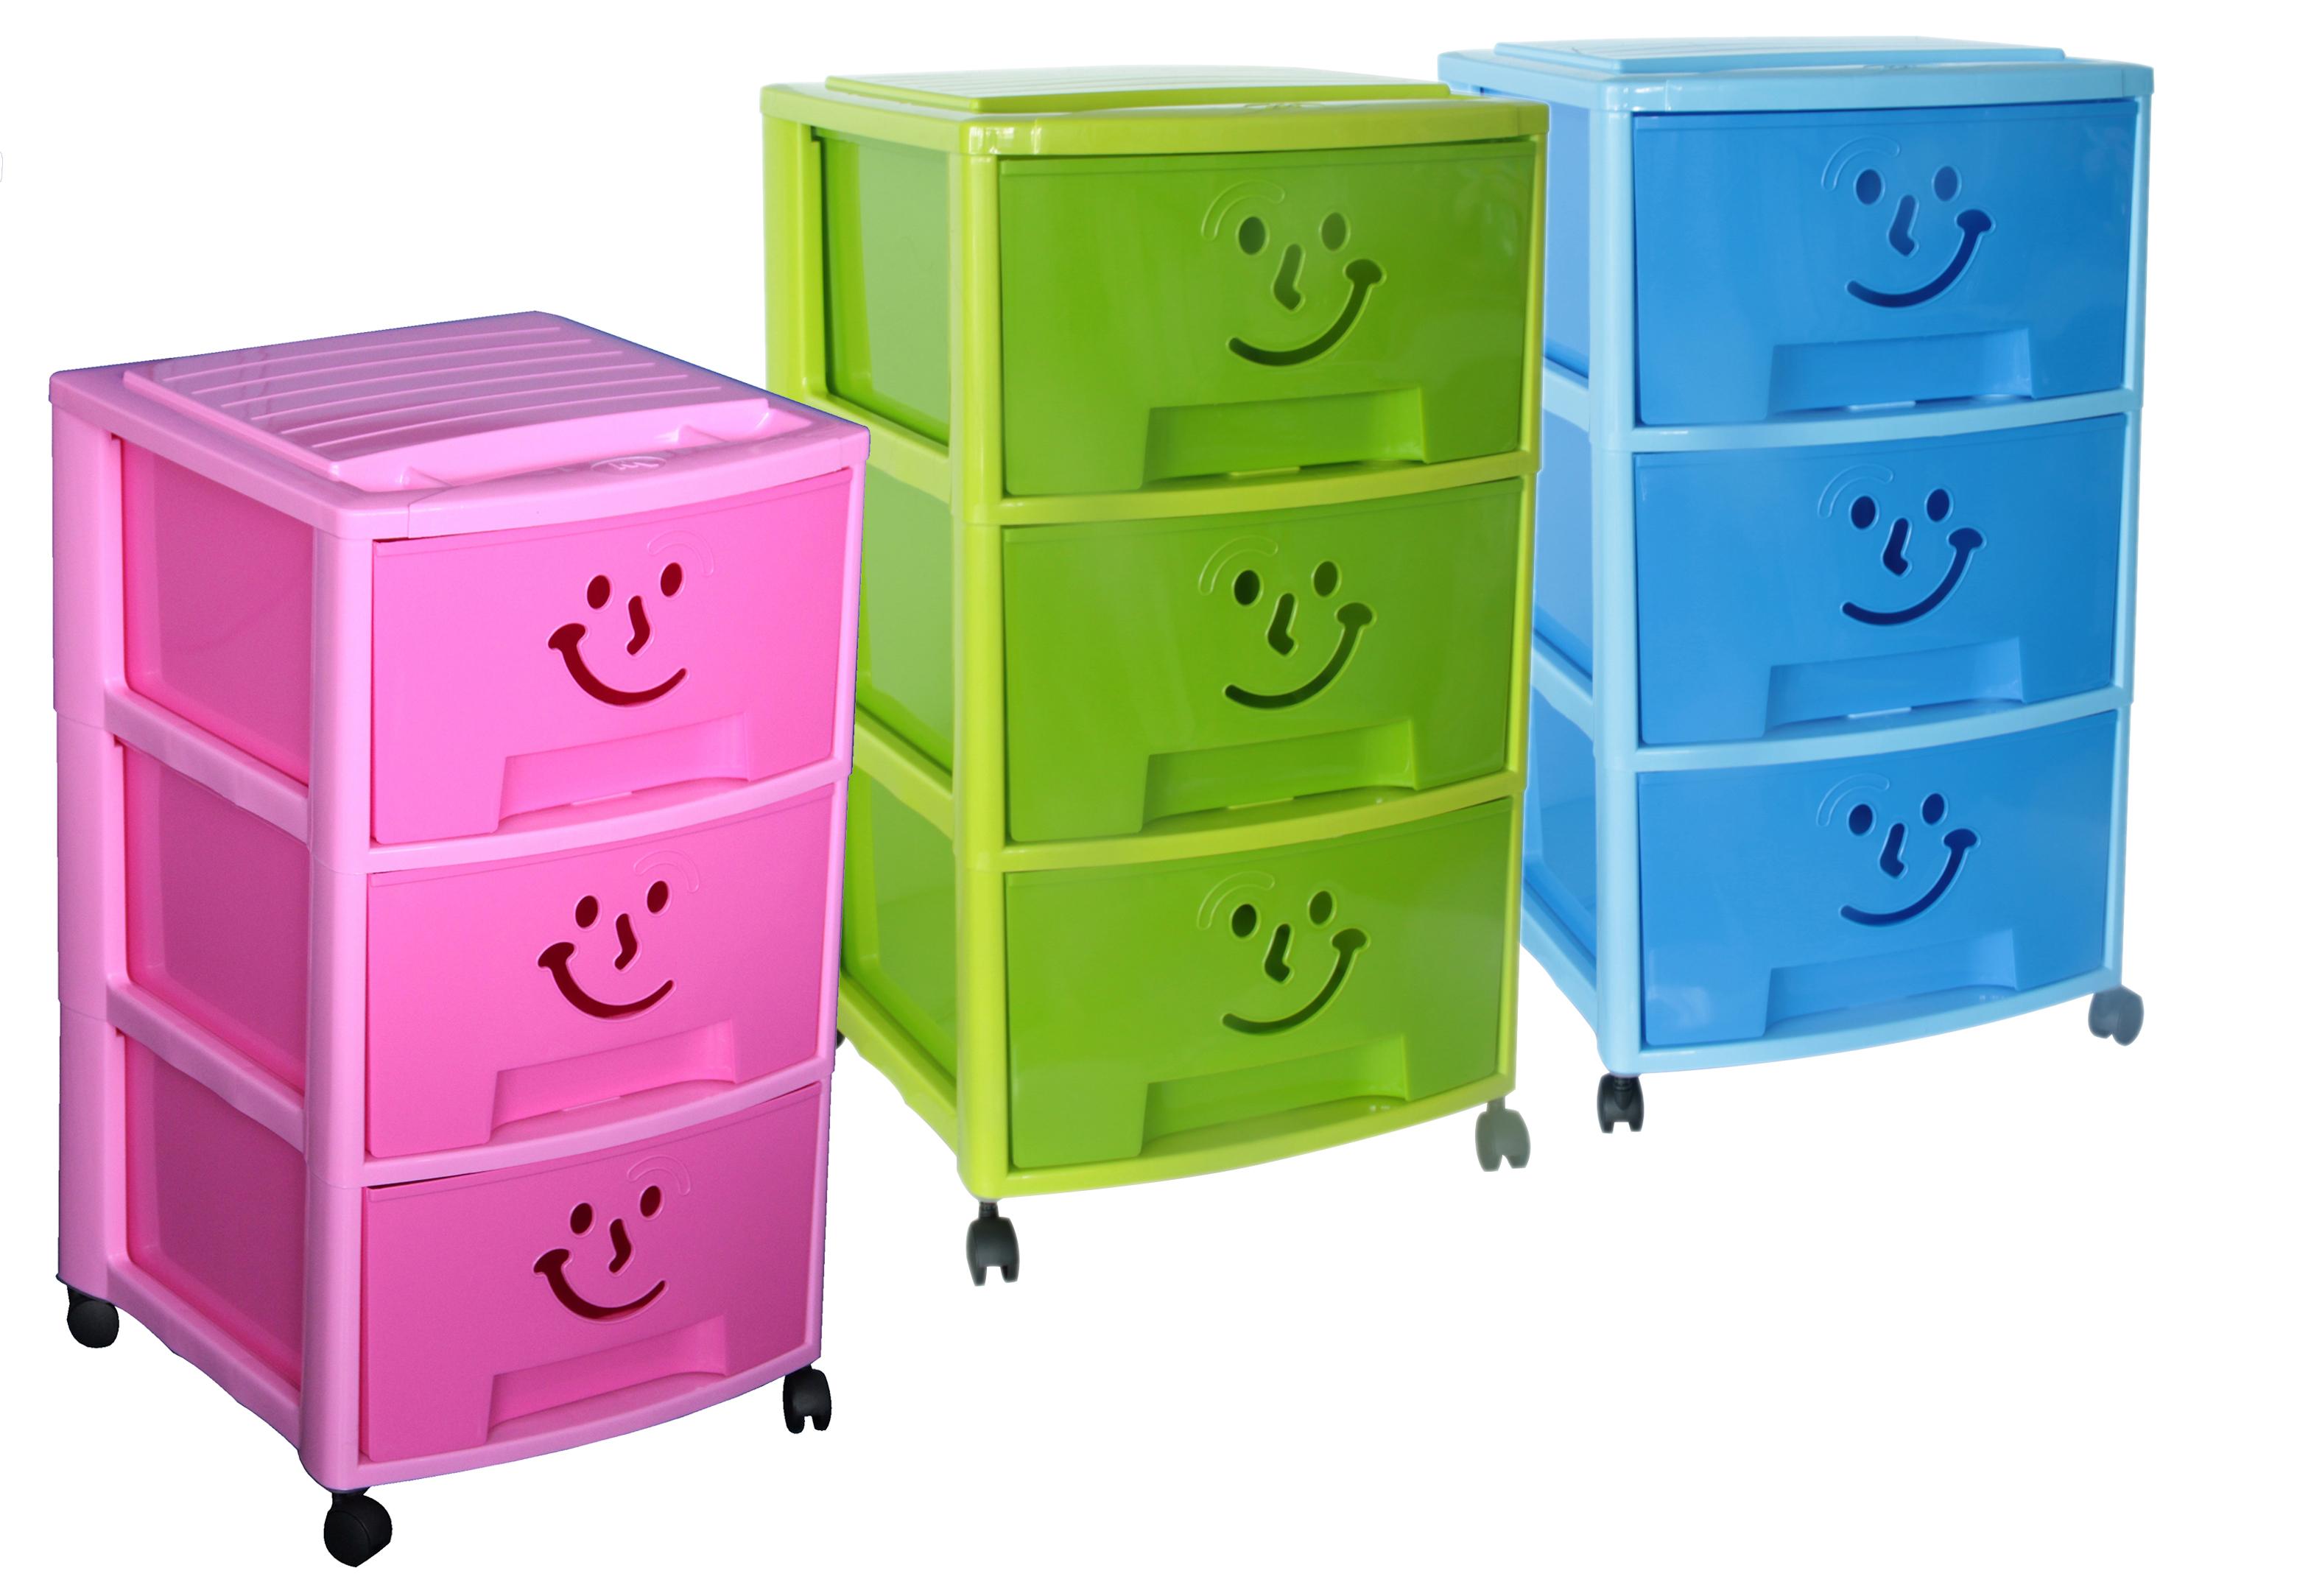 rollcontainer spielzeugkiste mit 3 schubladen gesicht frischhalten aufbewahren k che. Black Bedroom Furniture Sets. Home Design Ideas